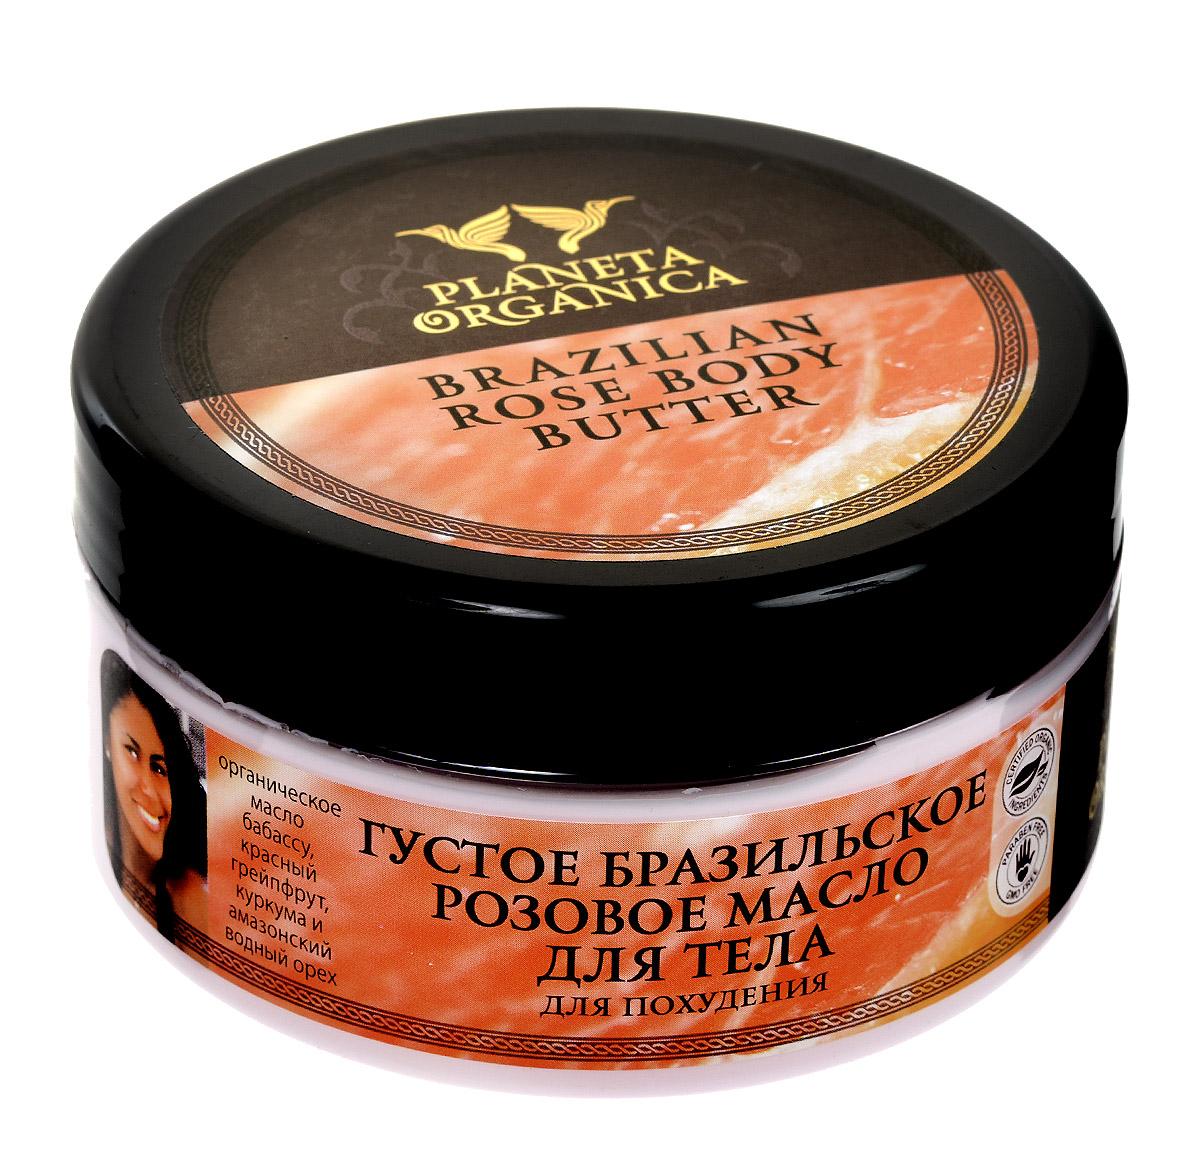 Planeta Organica Густое бразильское розовое масло для тела, для похудения, 300 мл60180201Густое бразильское розовое масло Planeta Organica для тела, для похудения - густая текстура и легкое нанесение. Густое розовое масло возвращает коже тонус, упругость и эластичность. Пектин, содержащийся в красном грейпфруте, усиливает обмен веществ, тонизирует кожу, эффективно борется с целлюлитом. Амазонский водный орех активизирует расщепление жировых клеток, улучшая контуры тела. Благодаря токотриенолам, входящим в состав масла, бабассу обладает антиоксидантным и антивозрастным действием. Куркума увлажняет и смягчает, делает кожу подтянутой и гладкой. Густое масло выравнивает контуры тела и способствует похудению, а также замедляет процесс накопления жировых отложений. Характеристики:Объем: 300 мл. Артикул: 071-1-0281. Производитель: Россия. Товар сертифицирован.